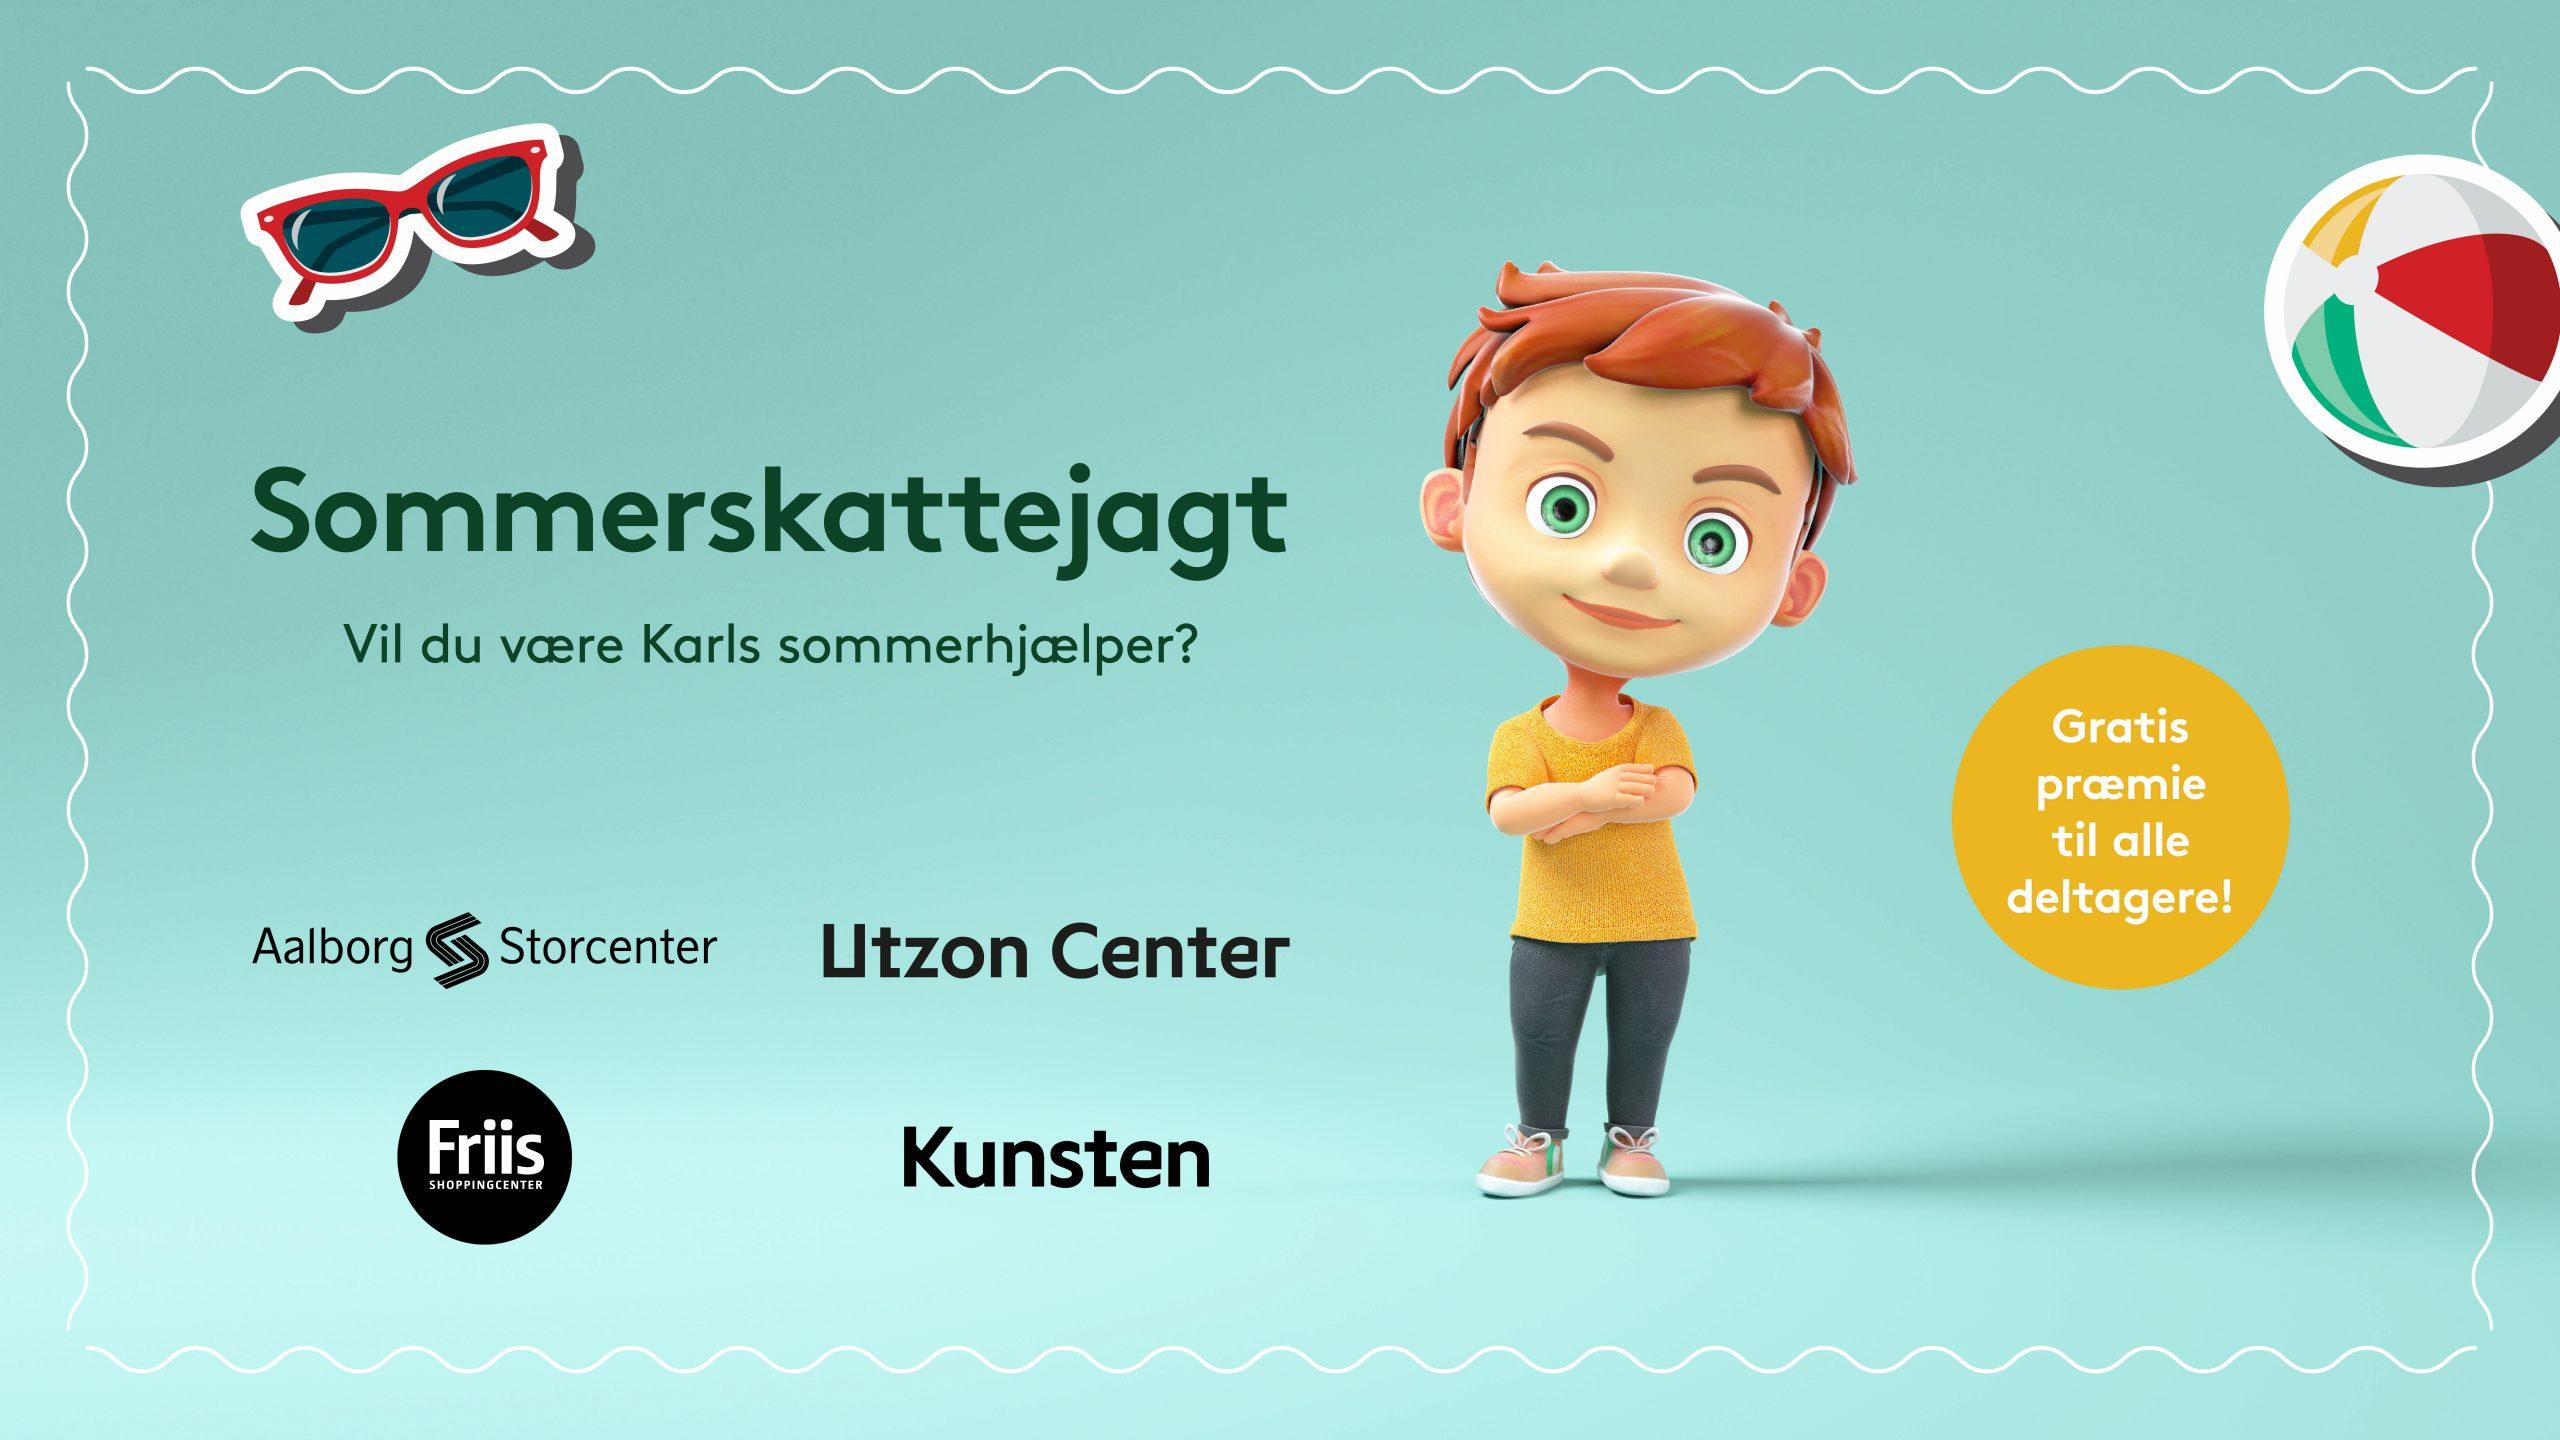 Hjælp Karl: Ny skattejagt i Aalborg er perfekt til sommerferien